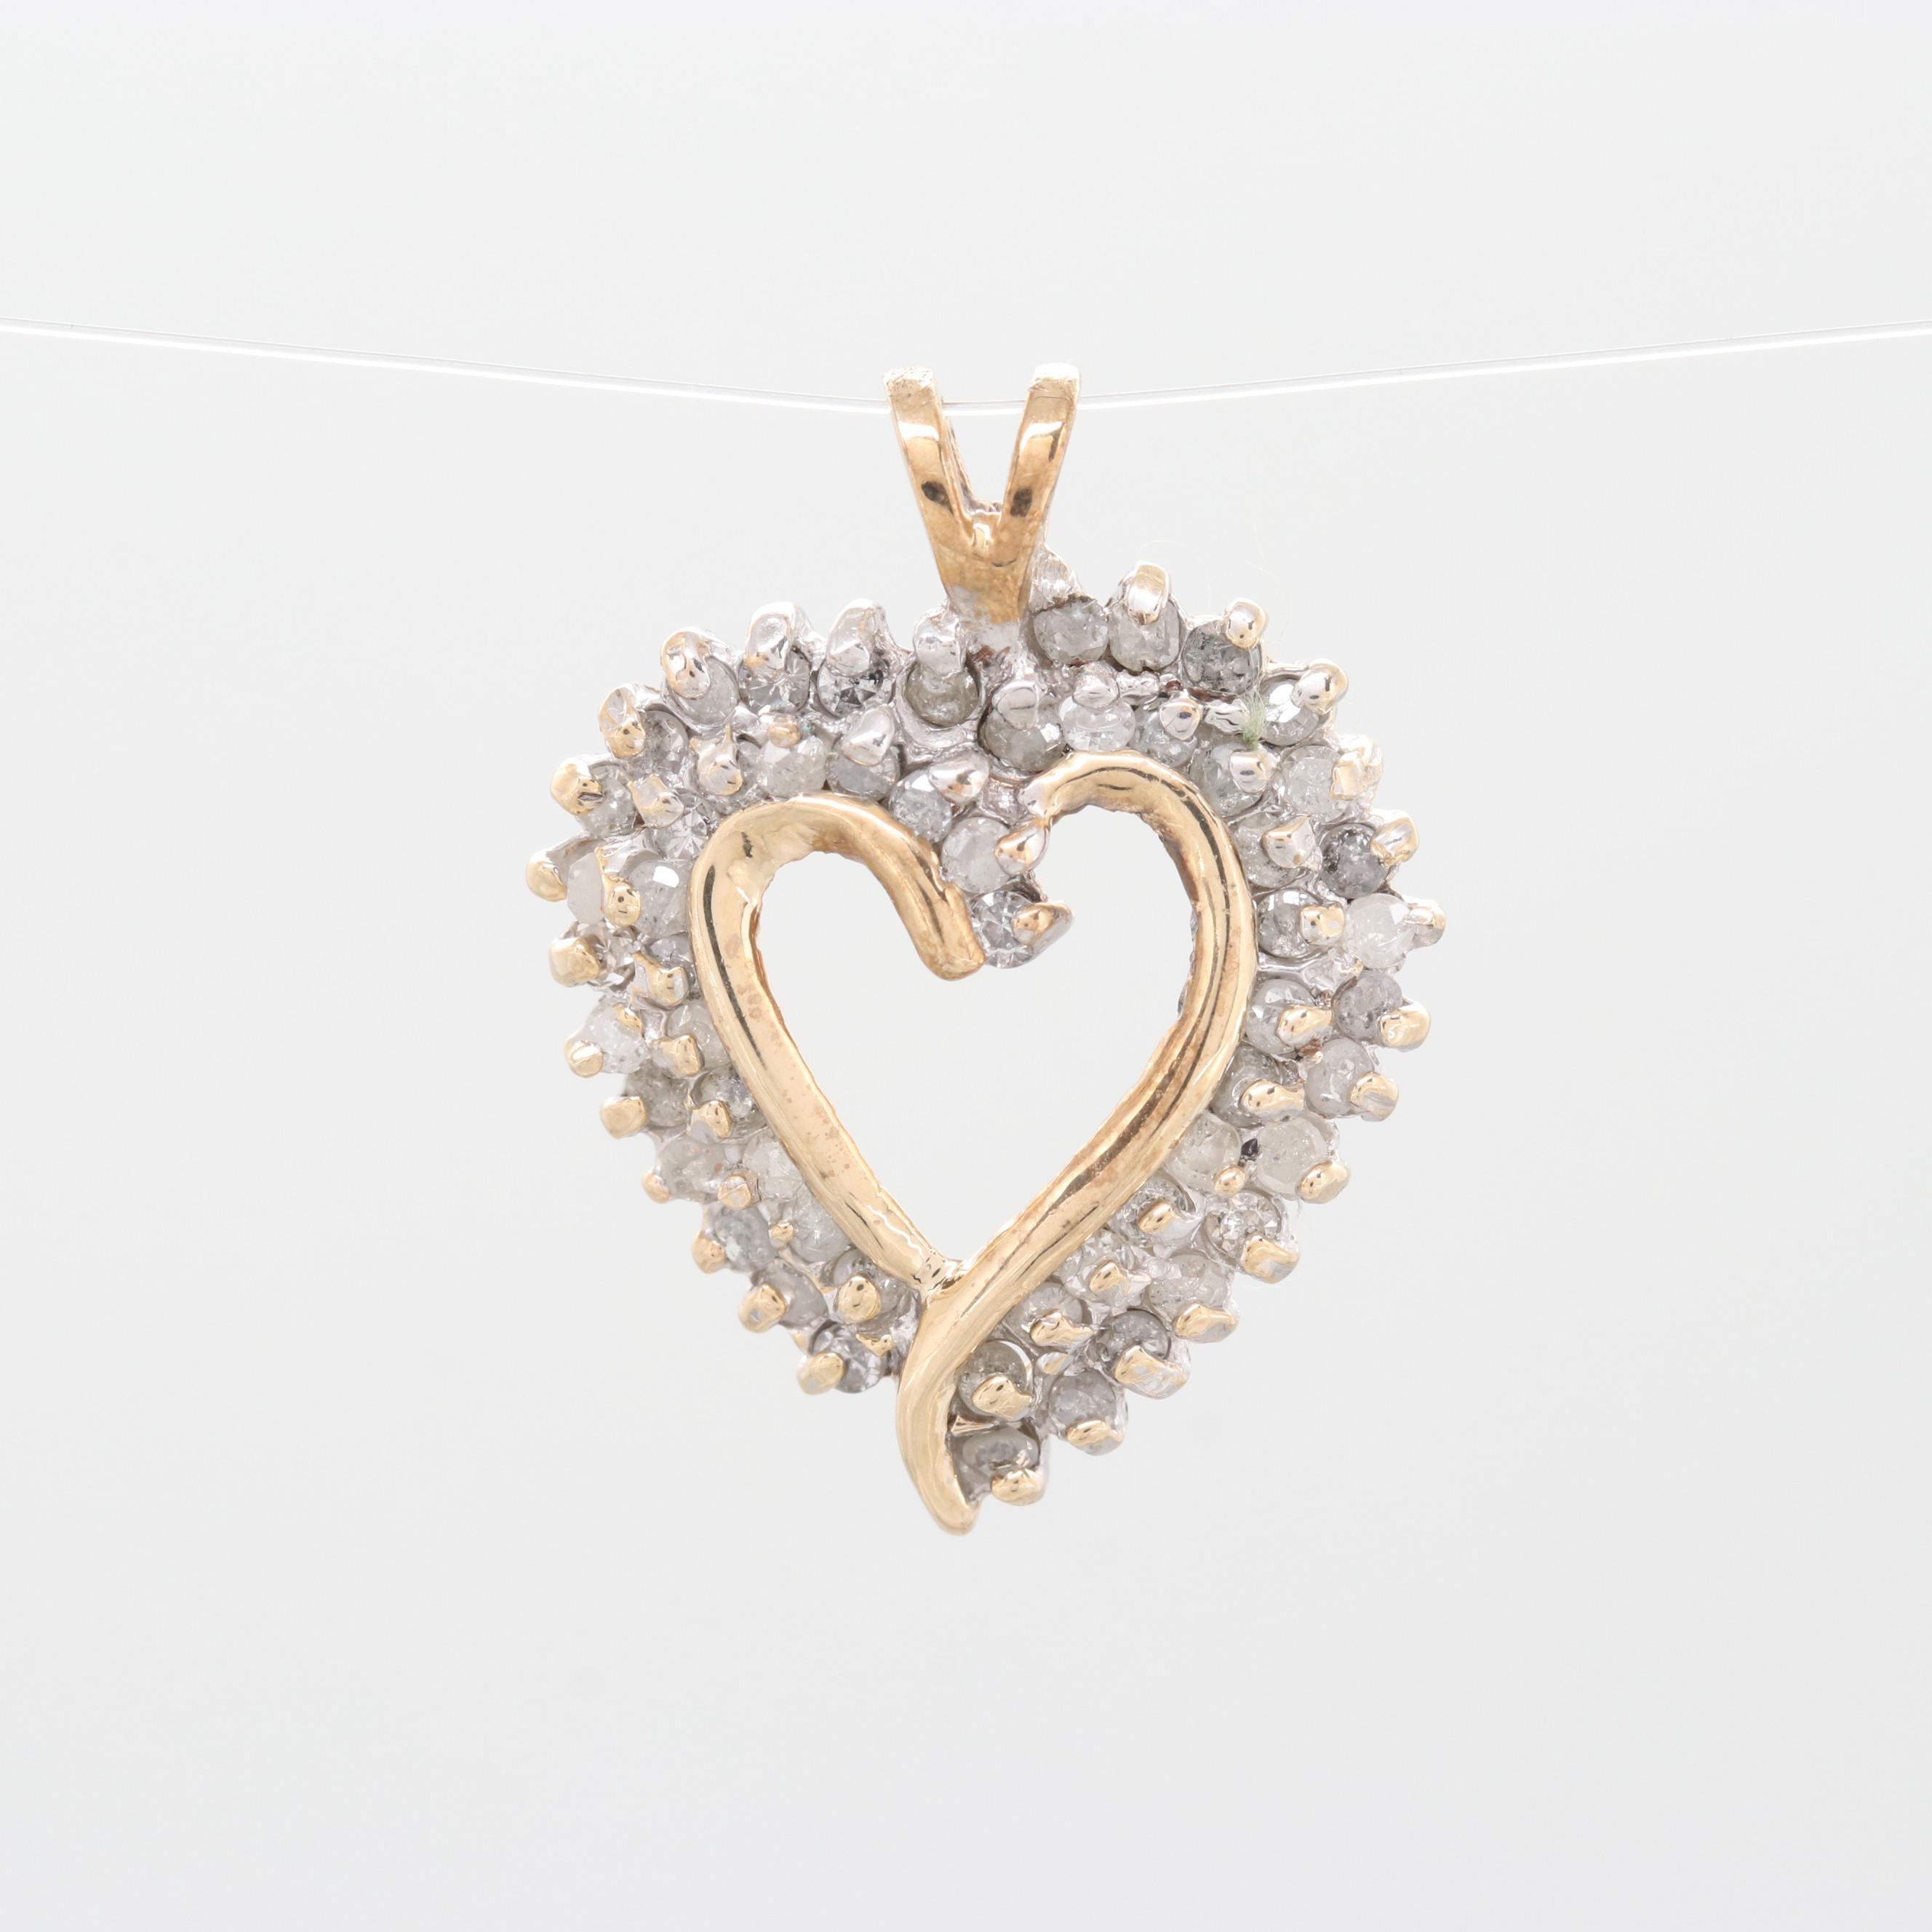 10K Yellow Gold Diamond Open Heart Pendant